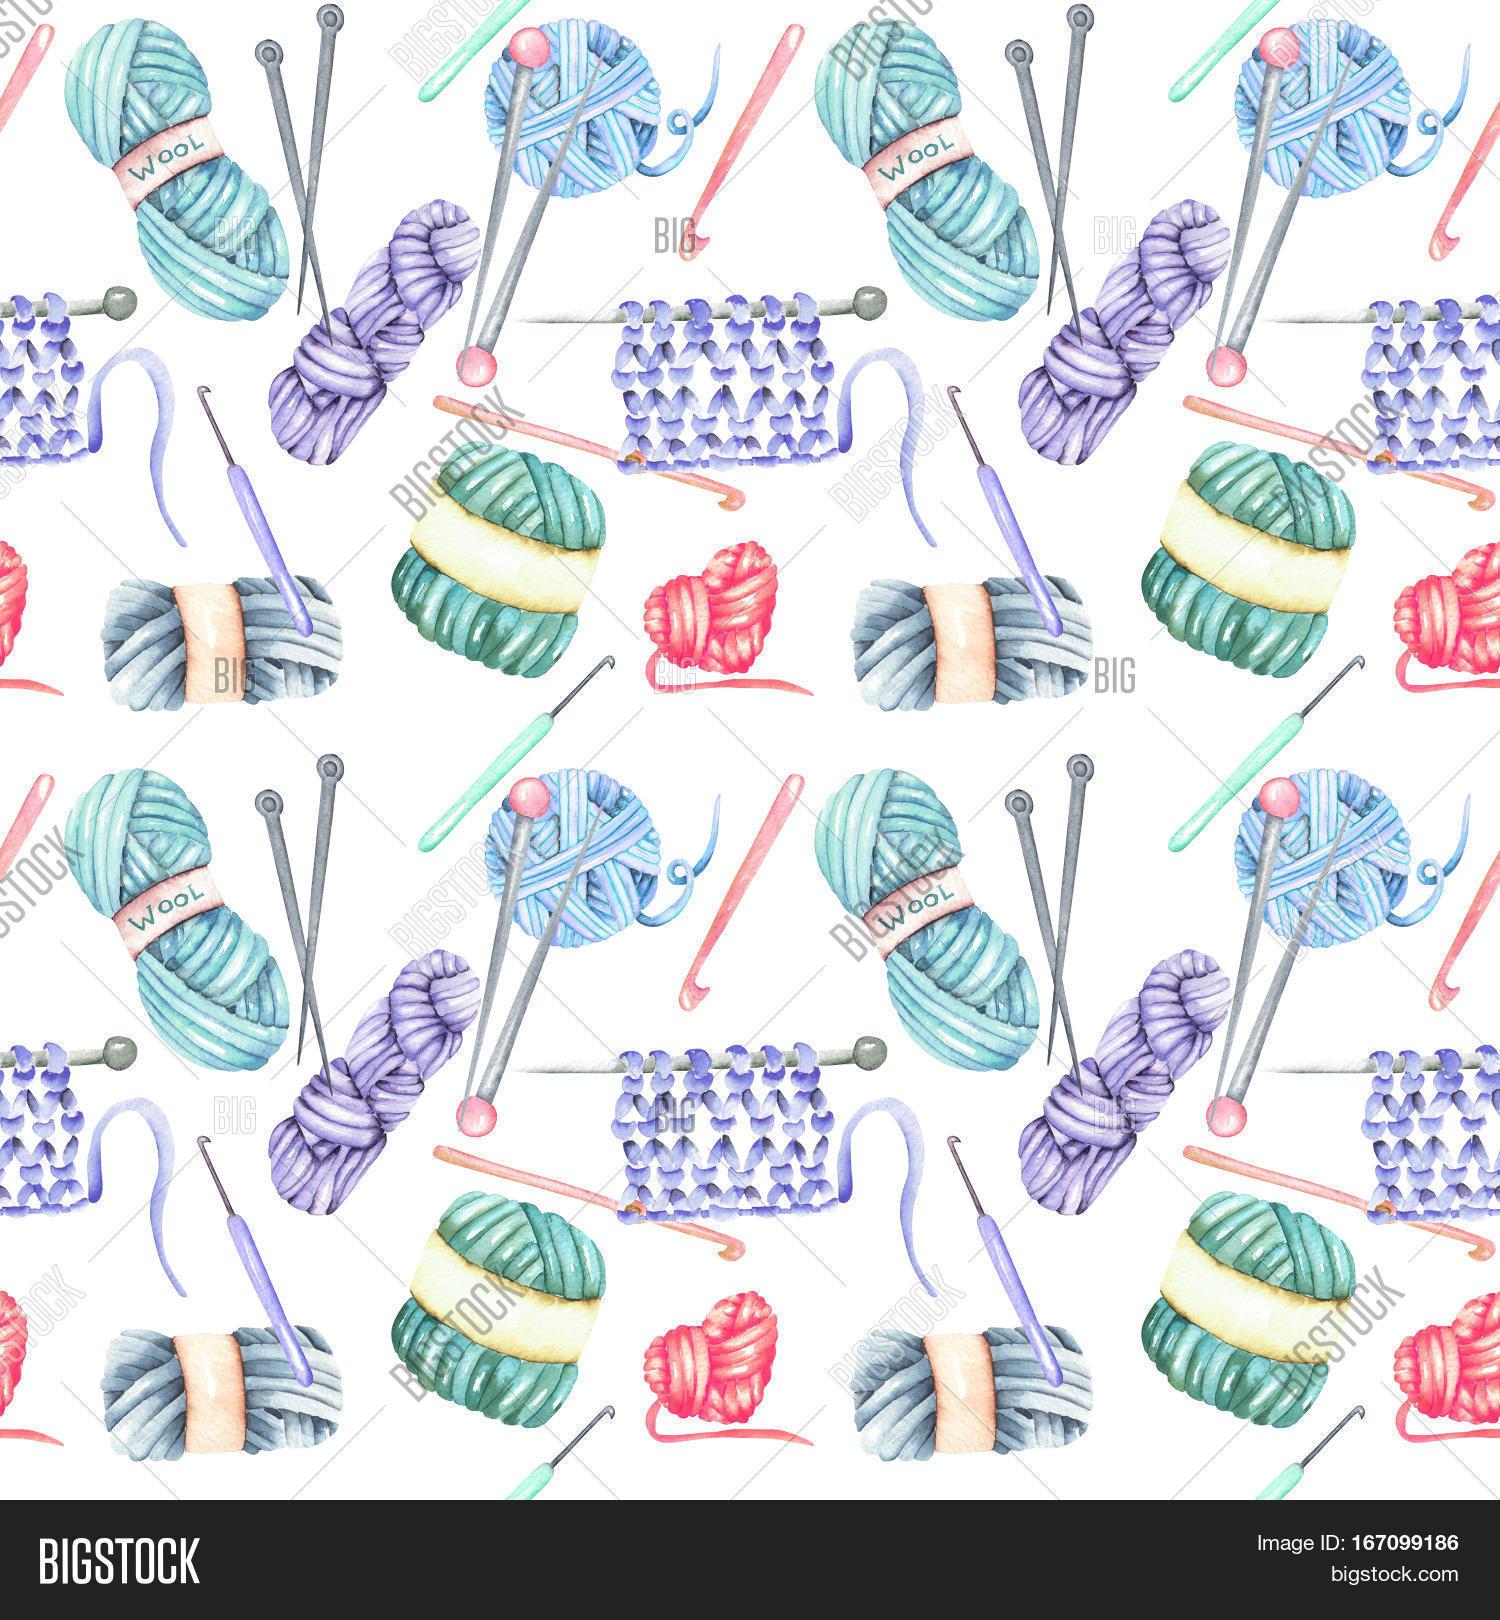 Картинки вязание скрапбукинг клипарт, афоризмы прикольные открытка